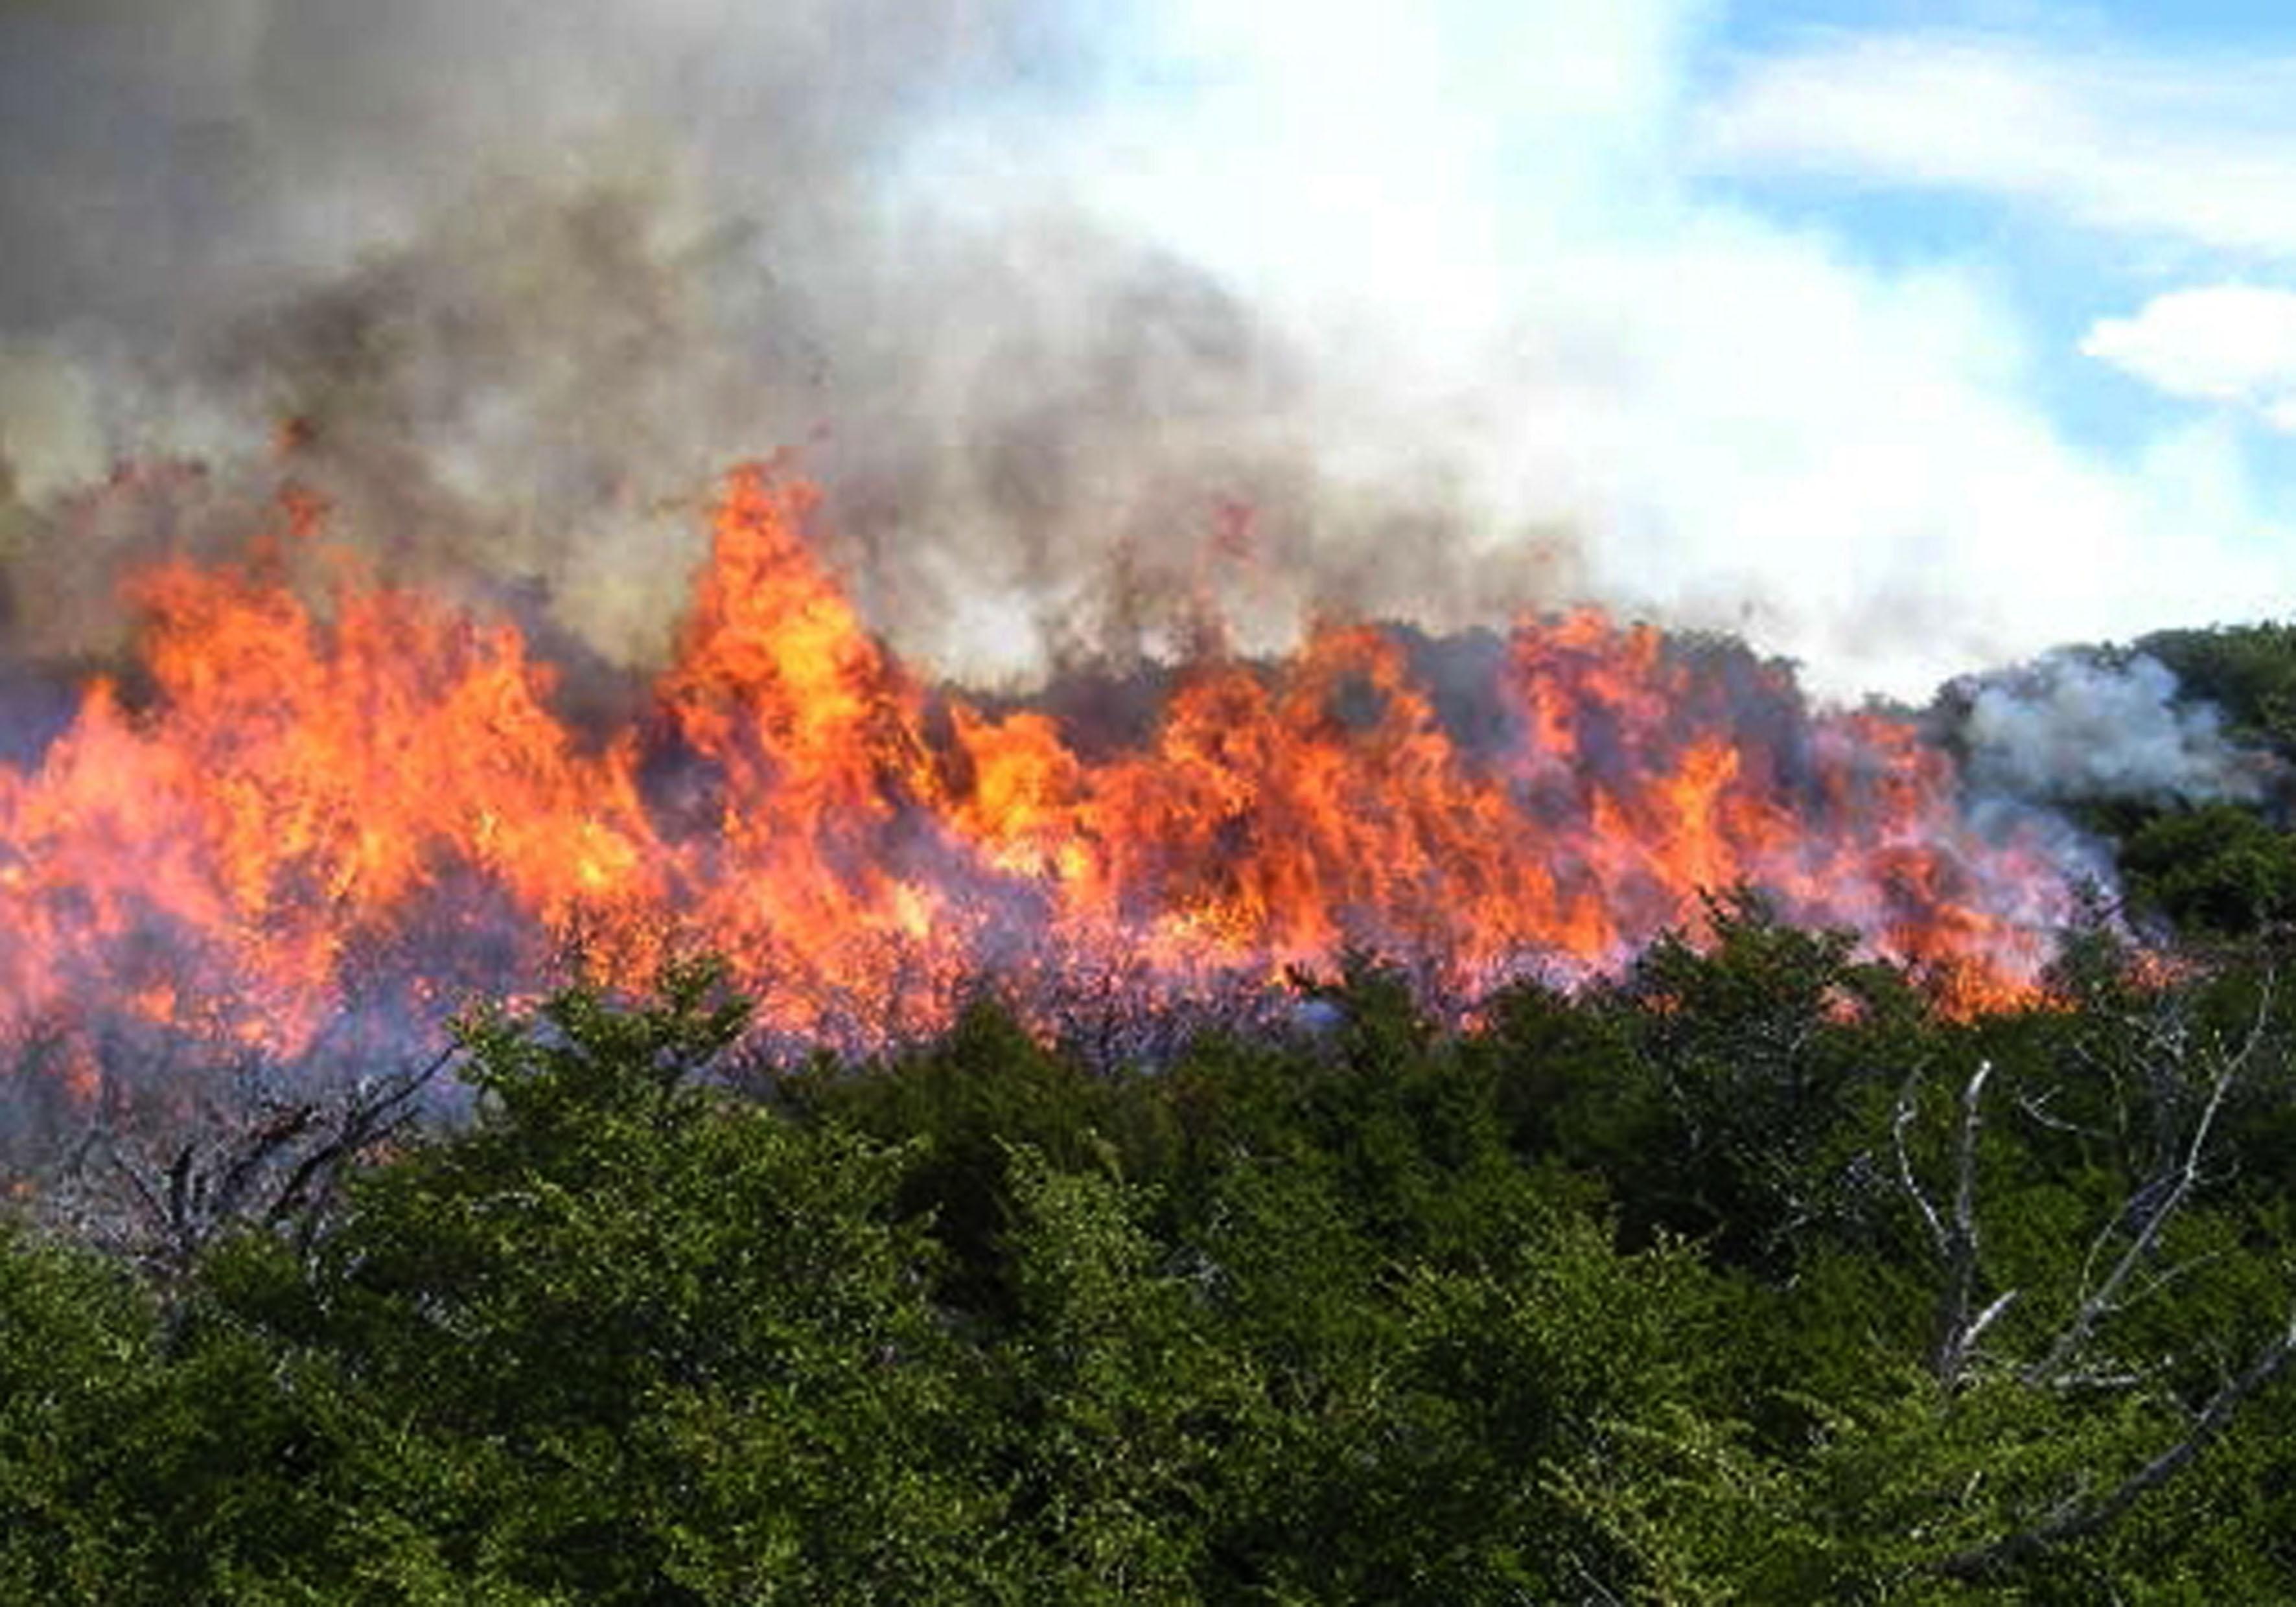 G12041147.JPG MÉRIDA, Yuc.-Incendio-Yucatán. Alrededor de 390 incendios se han registrado en Yucatán resultado de las altas temperaturas, así lo dio a conocer el secretario de Desarrollo Urbano y Medio Ambiente, Eduardo Batllori. EGV. Foto: Agencia EL UNIVERSAL.